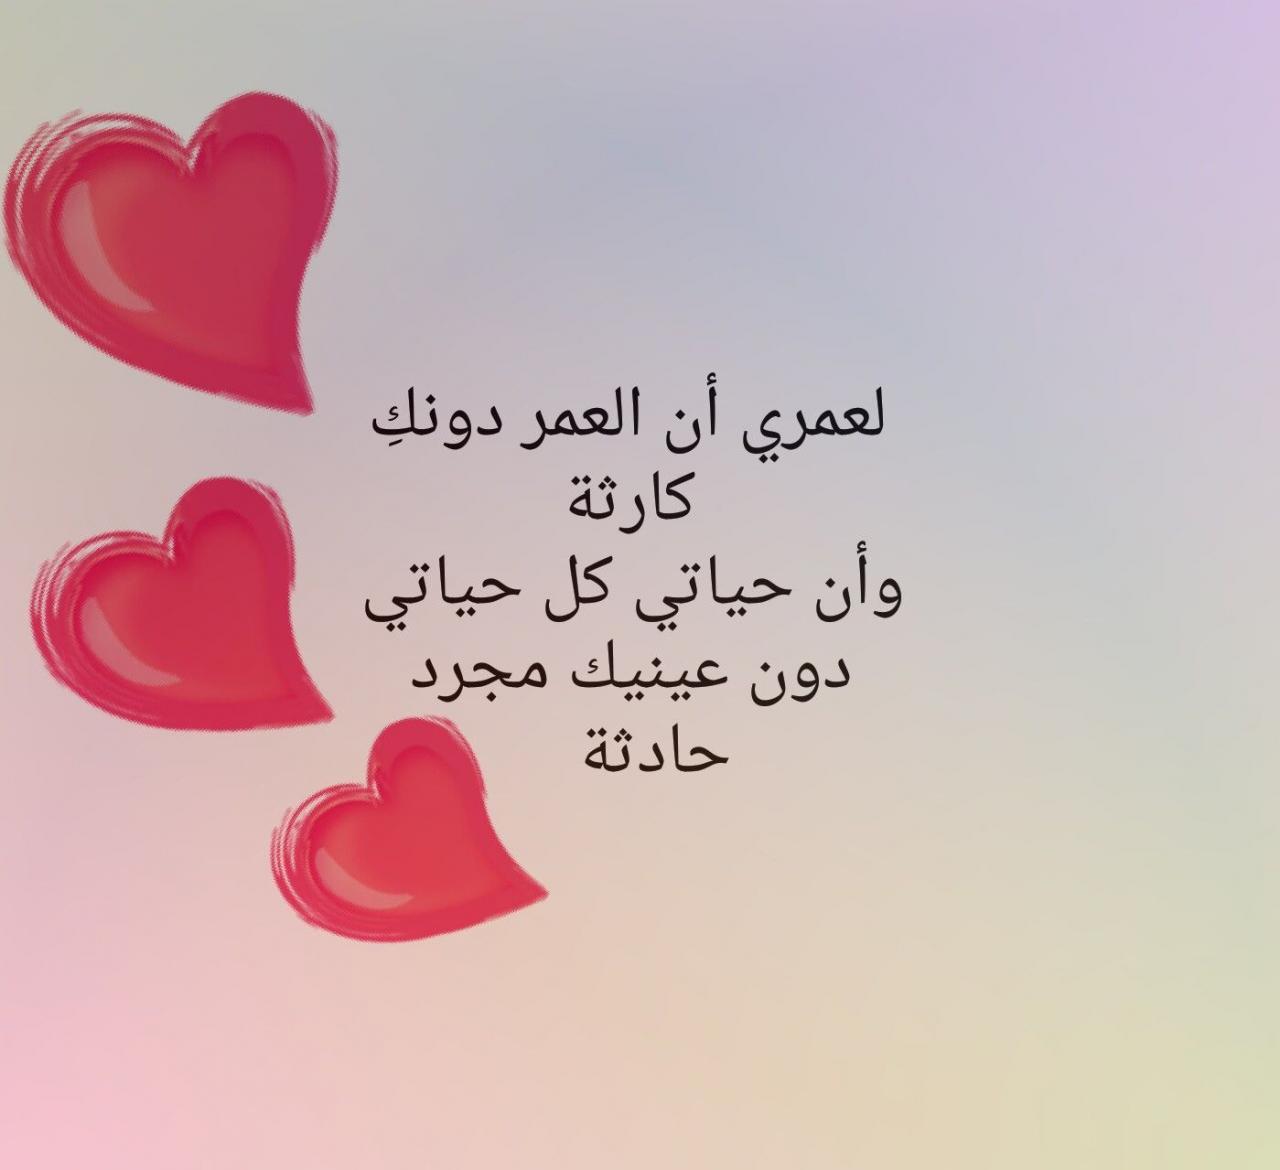 شعر عن الحب من طرف واحد فصيح Shaer Blog